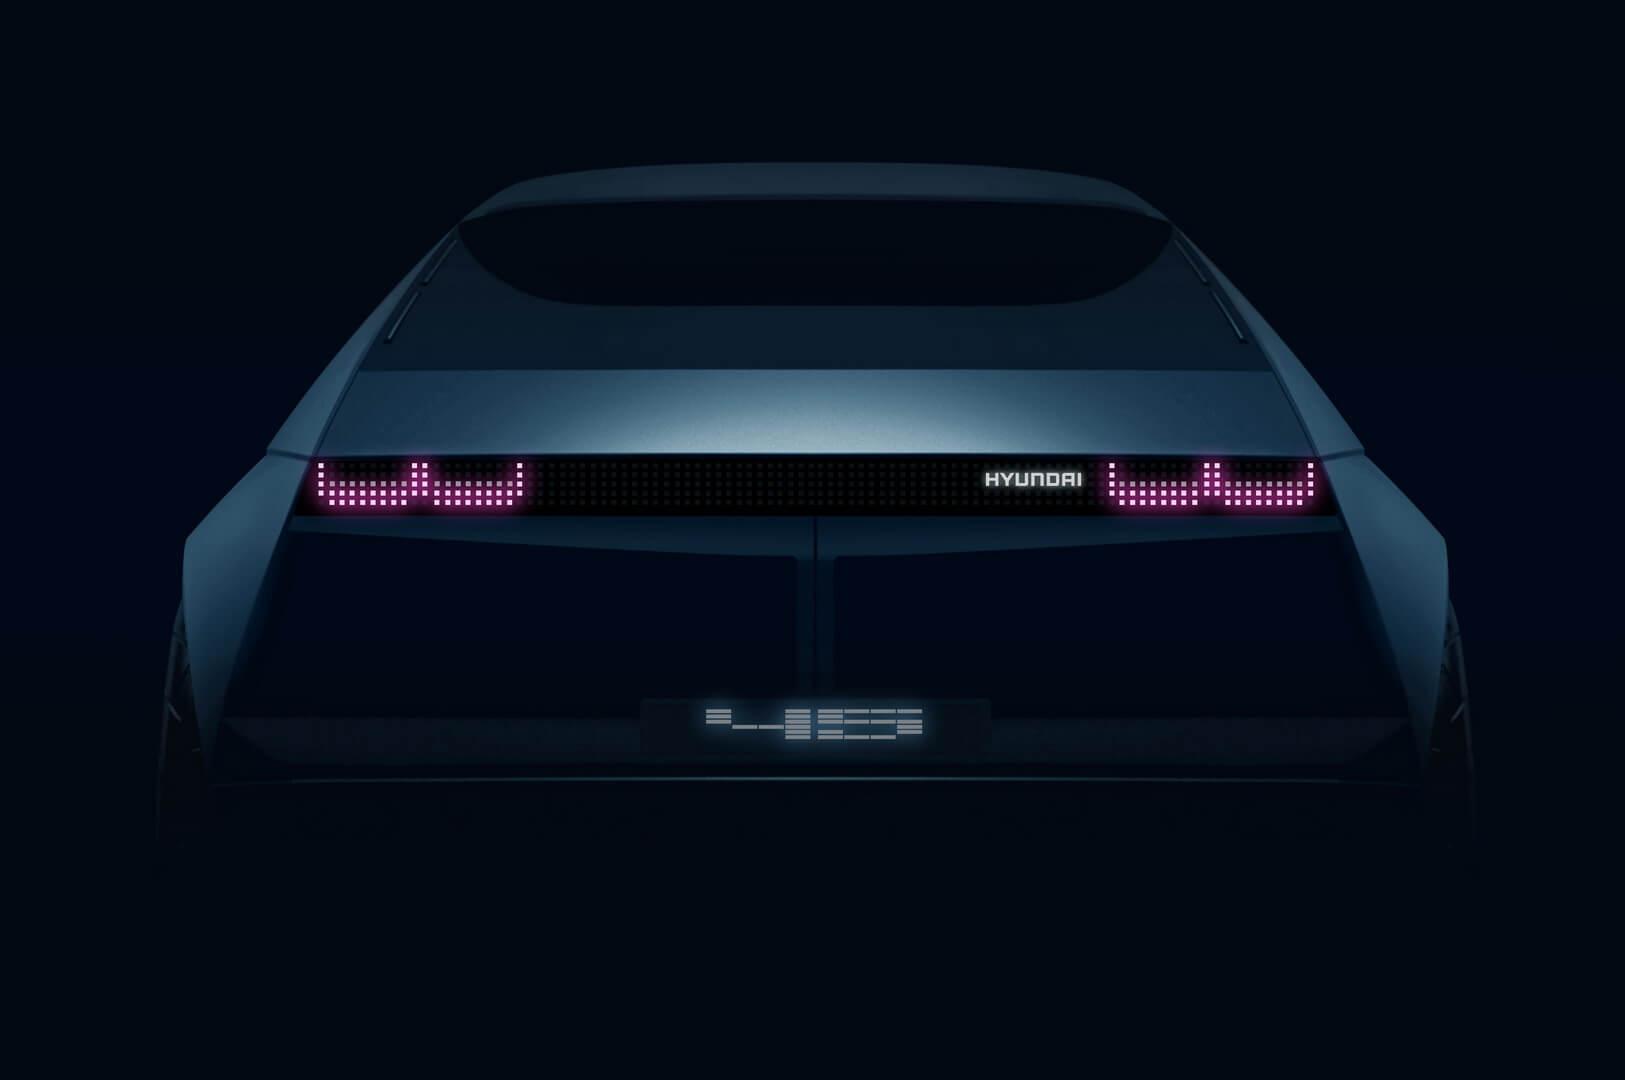 Hyundai представит концептуальный электромобиль «45» на Франкфуртском автосалоне 2019